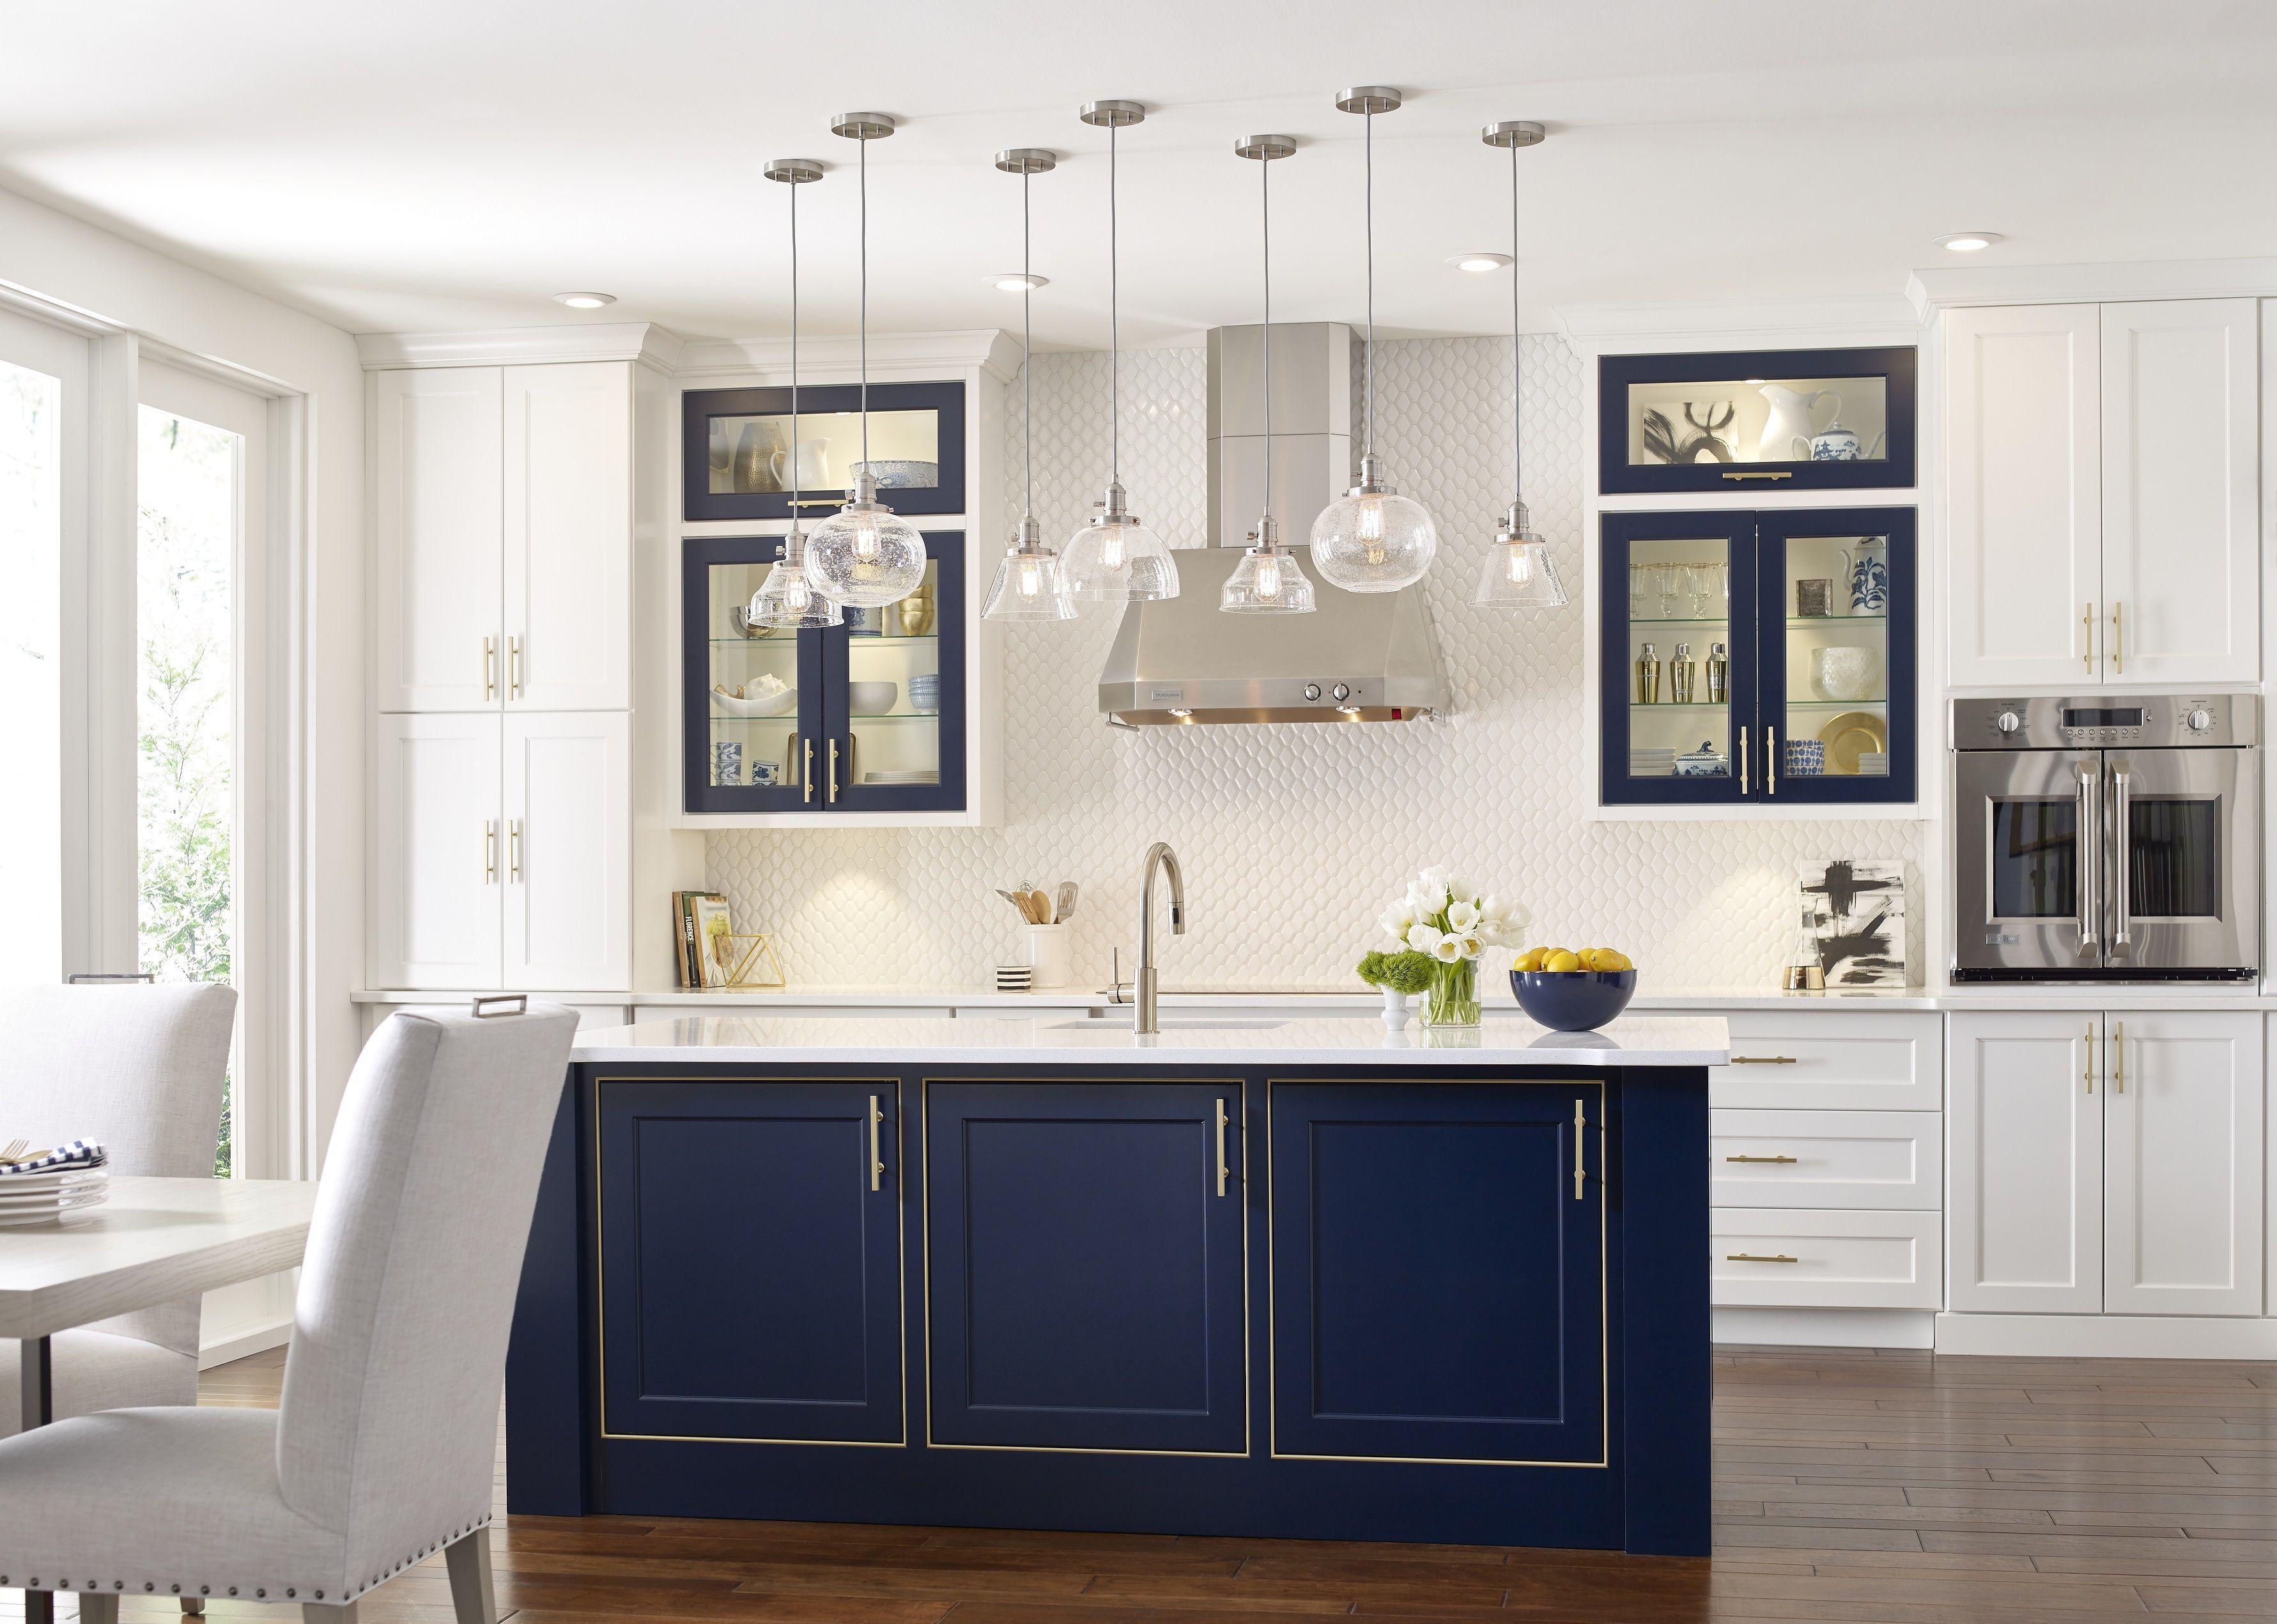 Kichler Dekker Lighting Home Decor Kitchen Traditional Kitchen Lighting Interior Design Kitchen